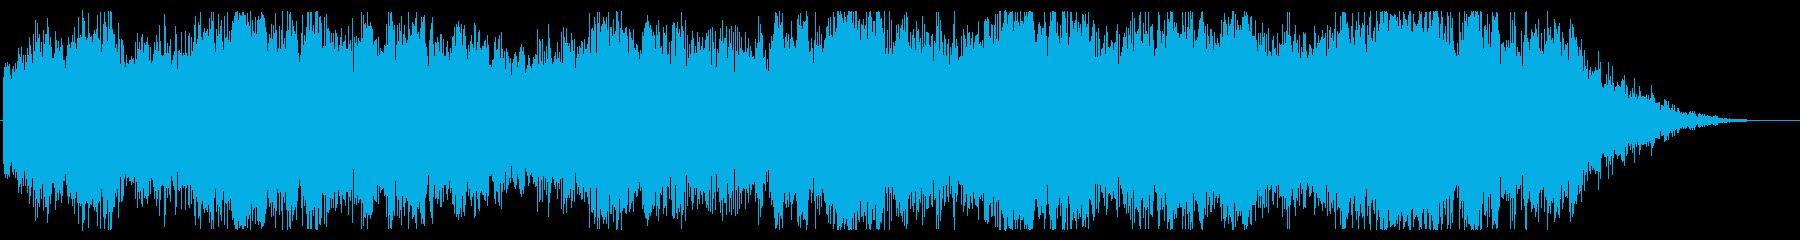 ハロウィン系 ミステリアスなジングルの再生済みの波形